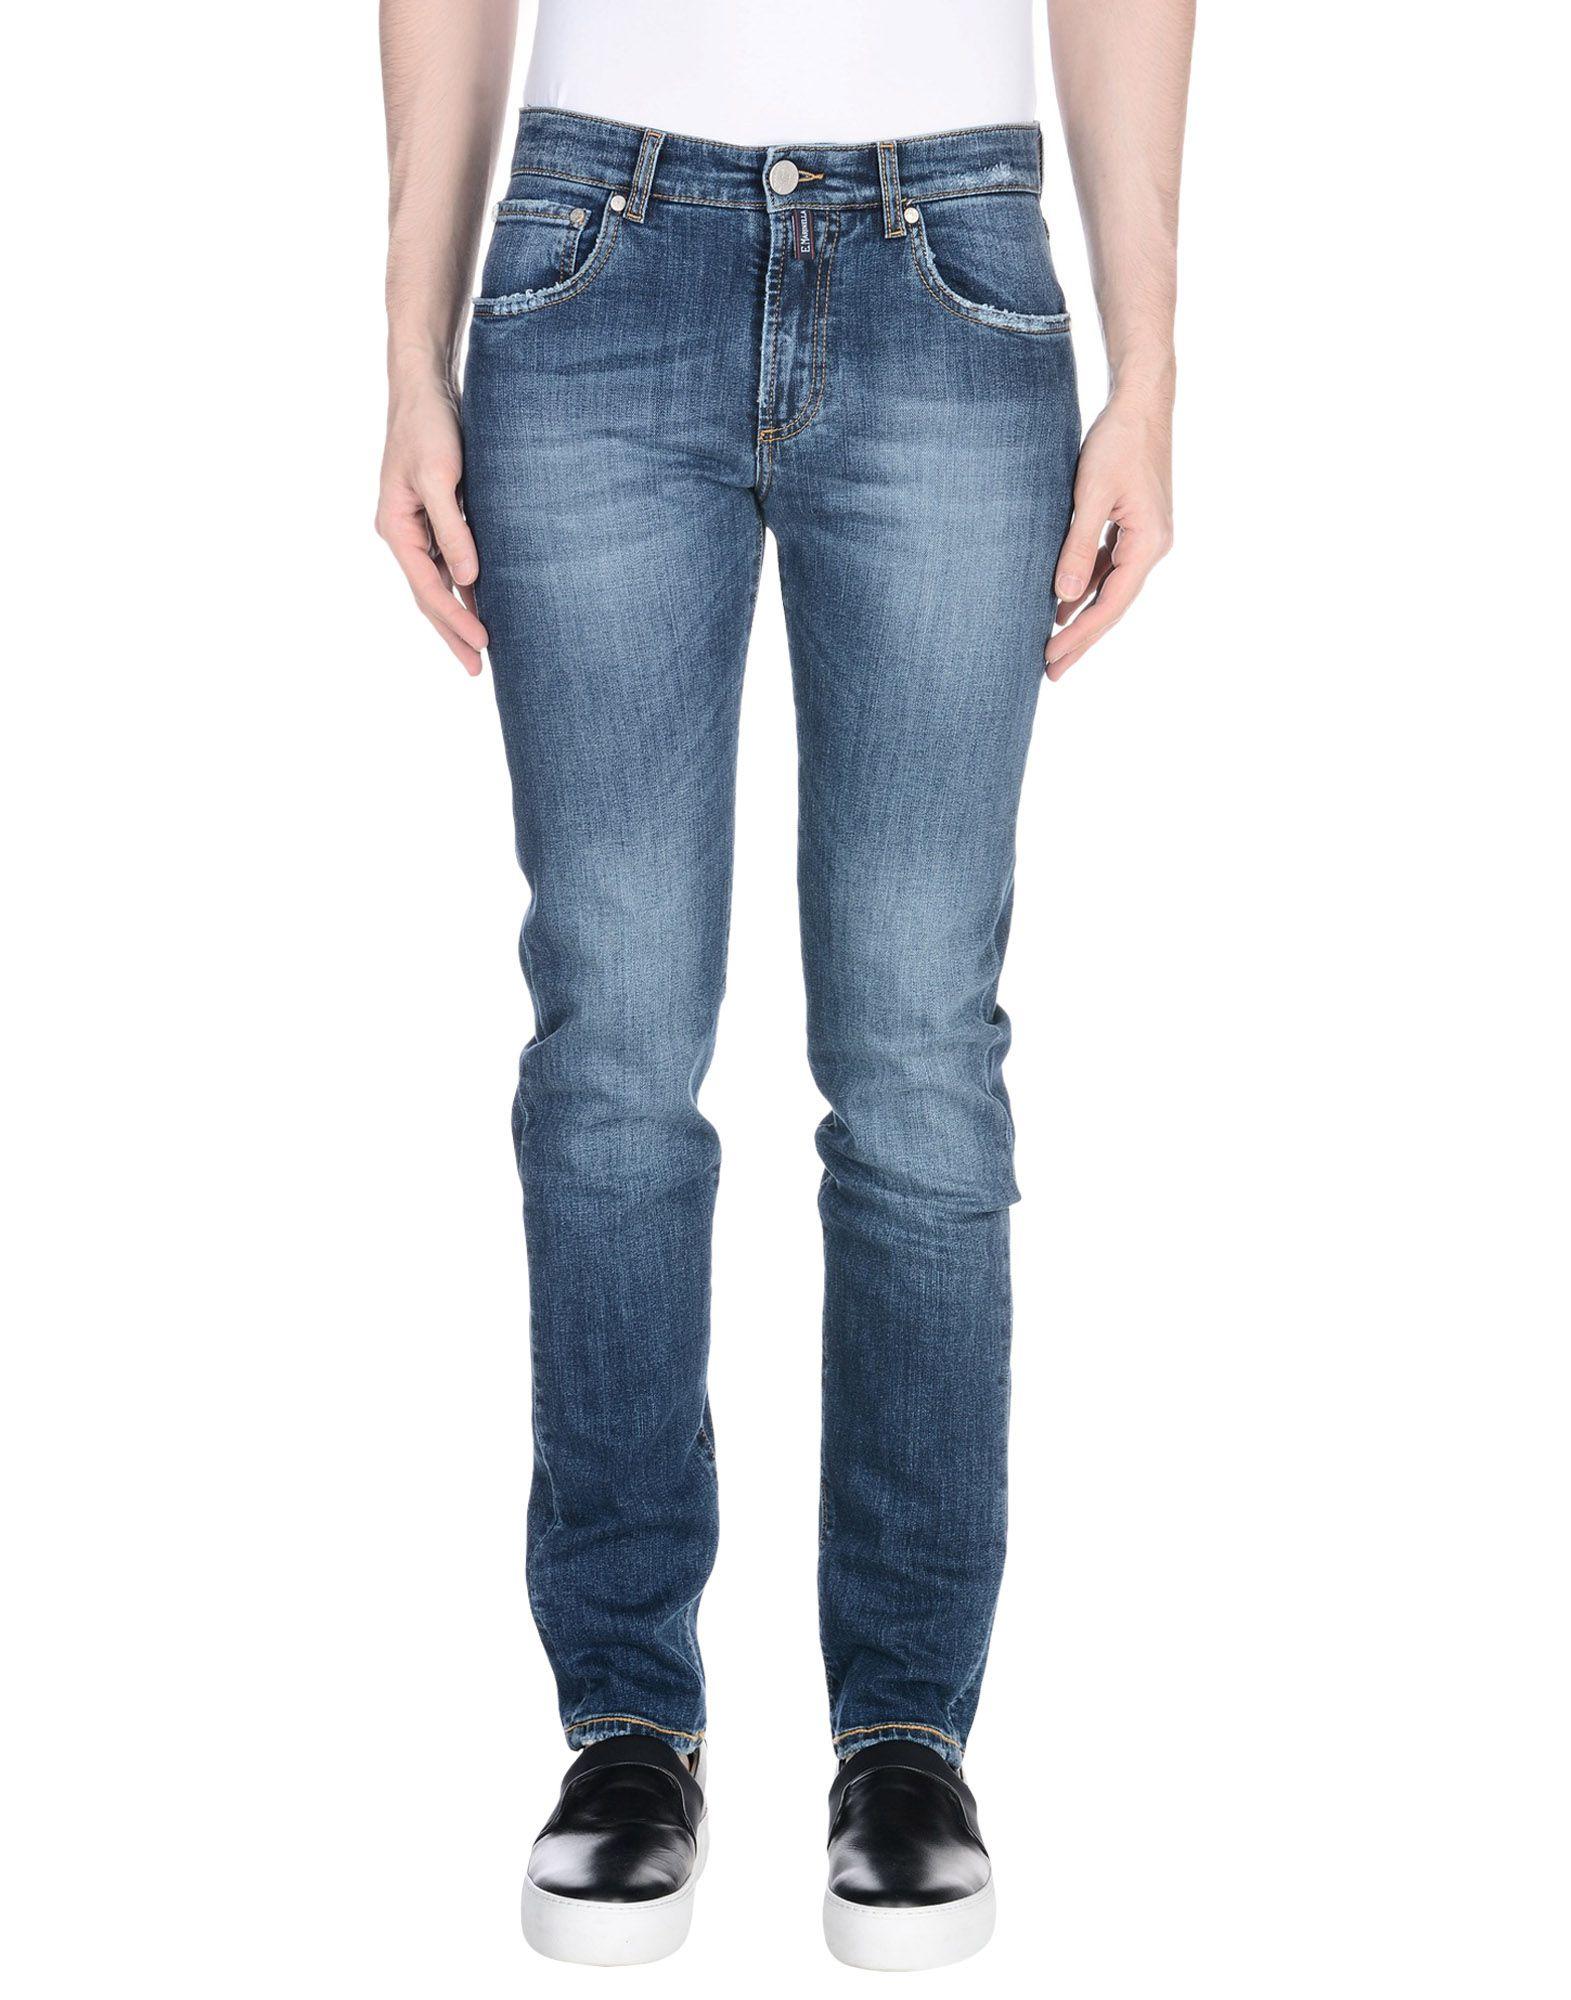 Pantaloni Jeans E.Marinella E.Marinella E.Marinella Uomo - 42637417MN 132465